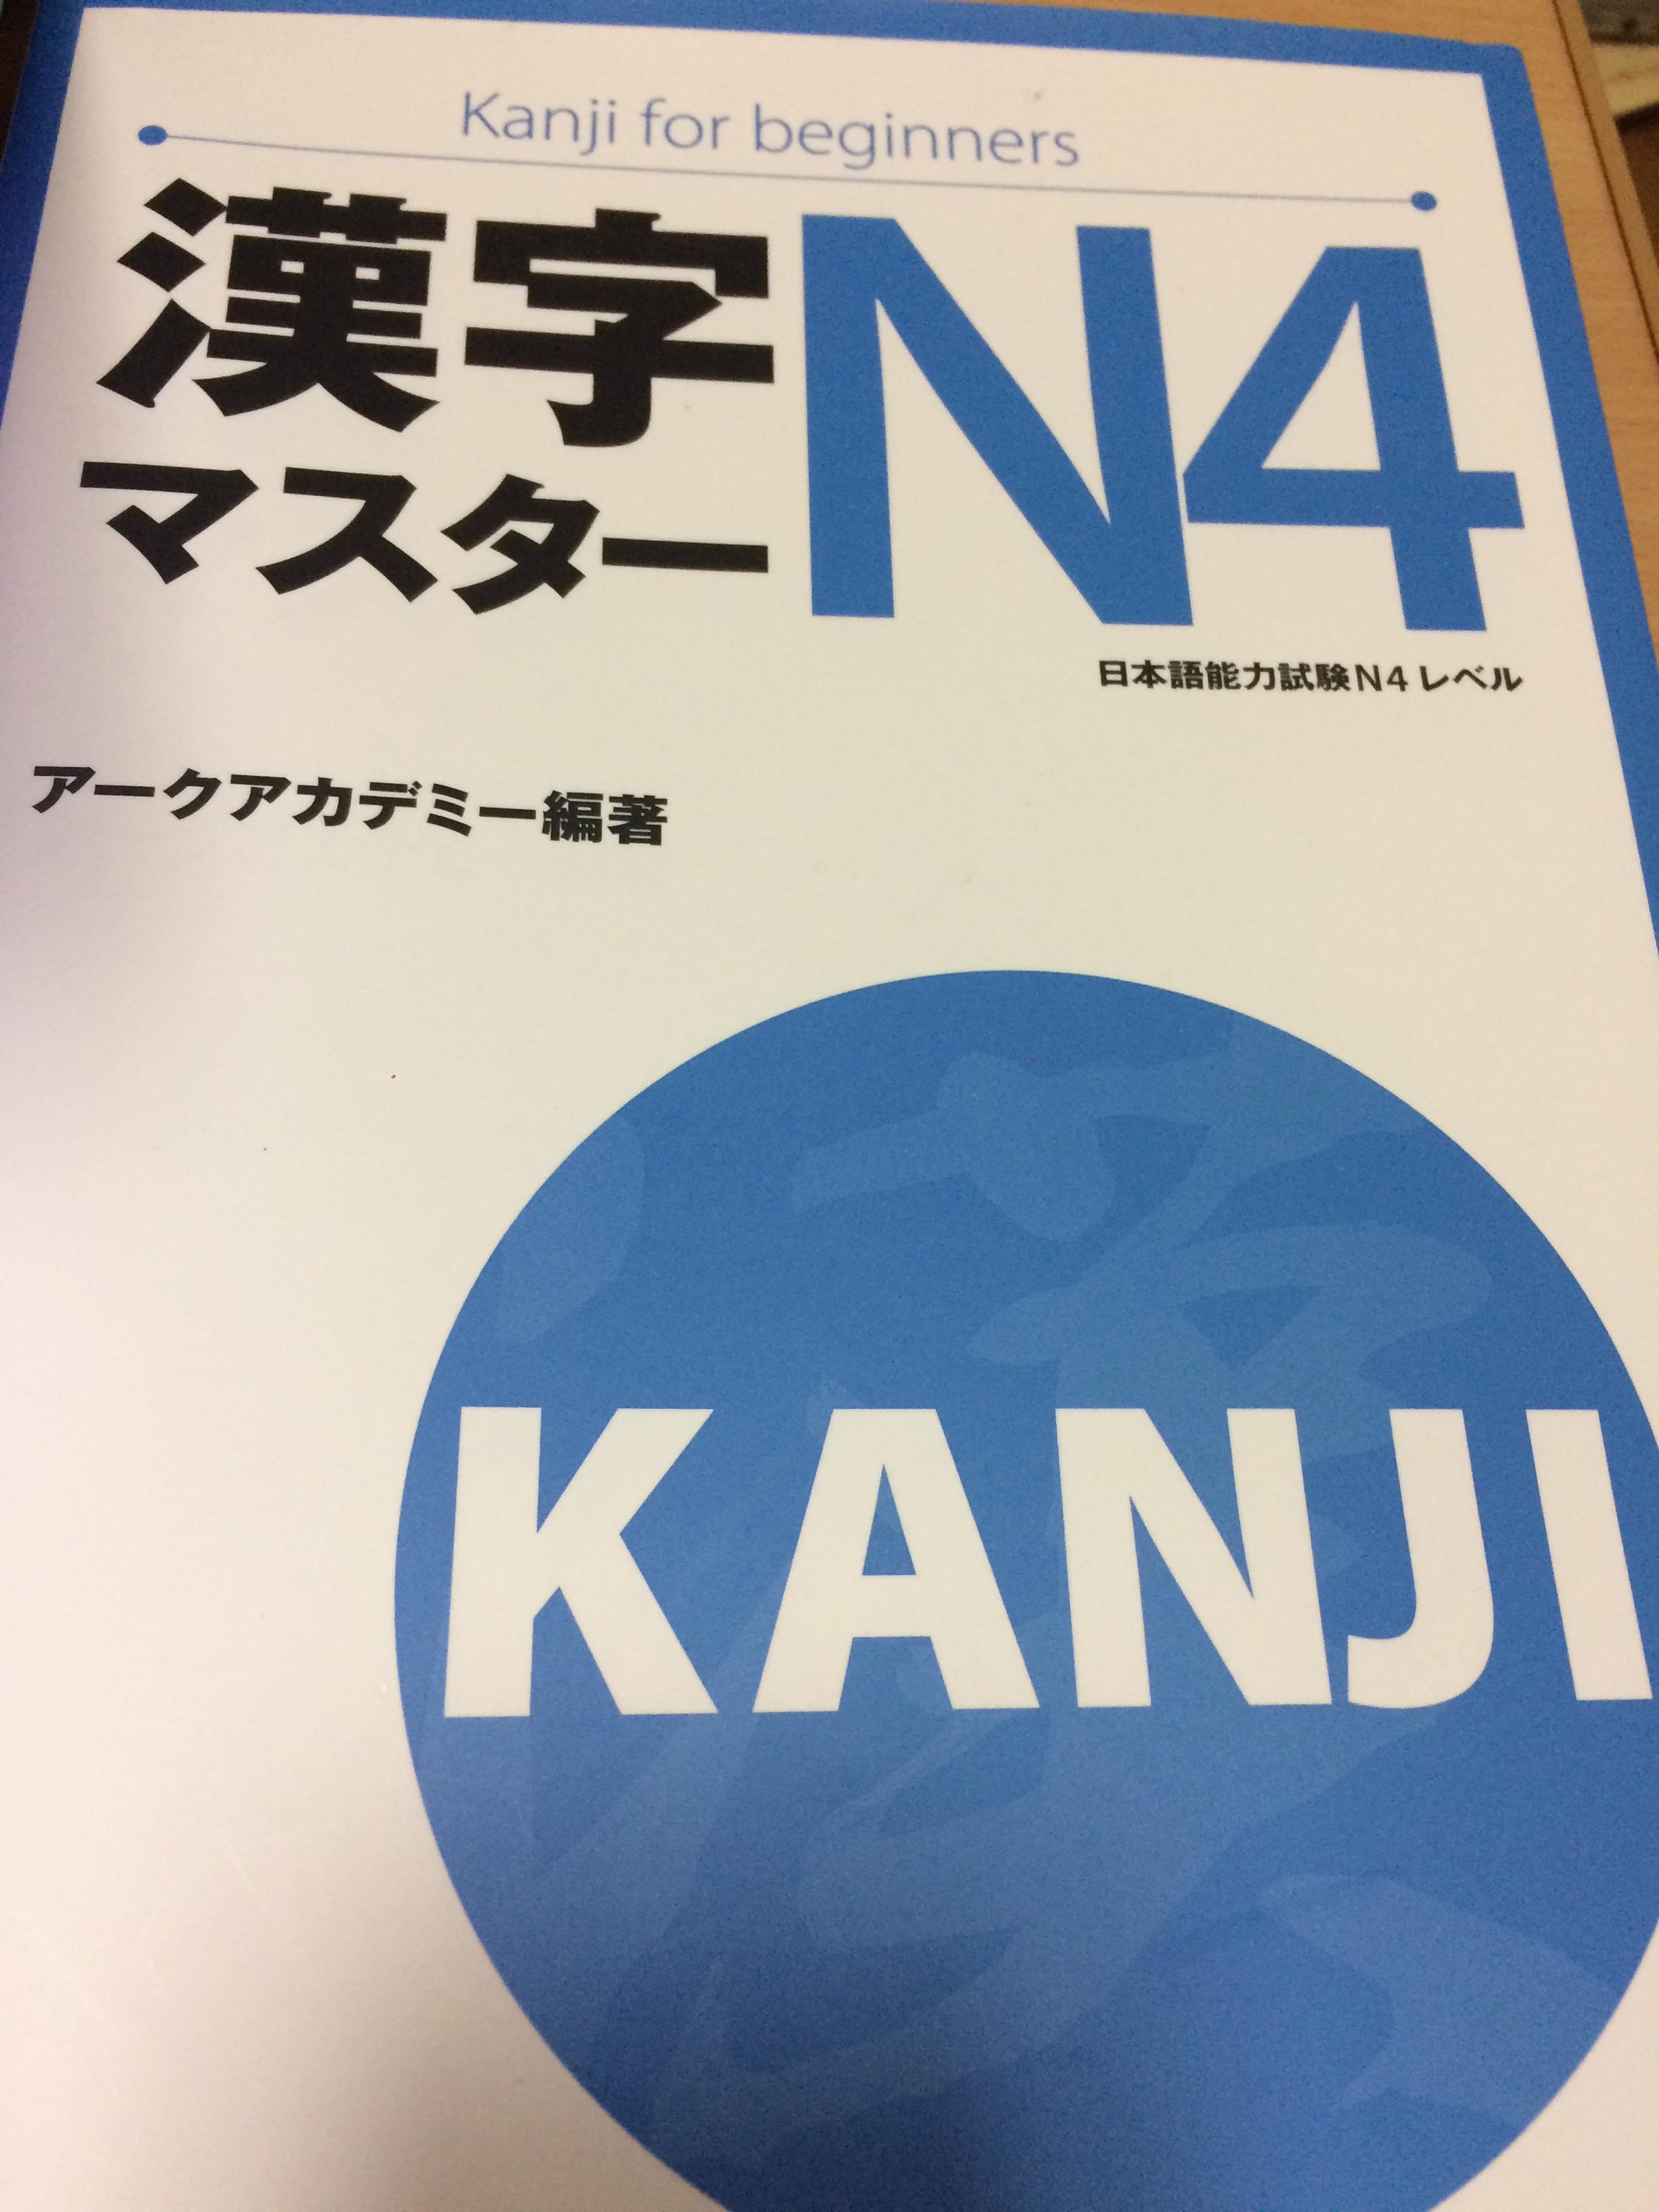 Kanji n4 bài 1 chủ đề gia đình 家族(かぞく)